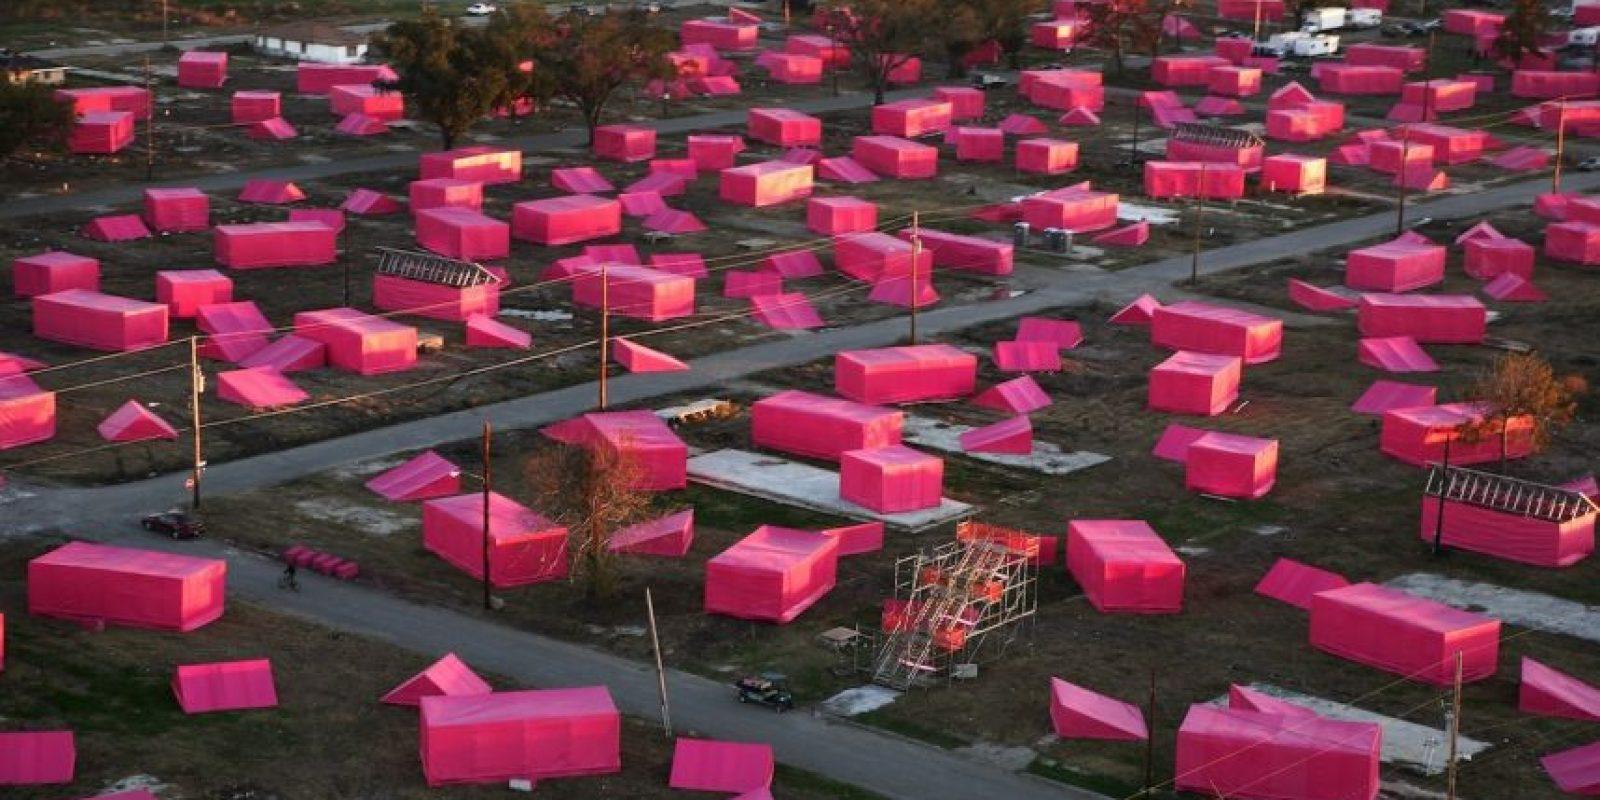 Su proyecto inició con estas casas de campaña rosas. Foto:Getty Images